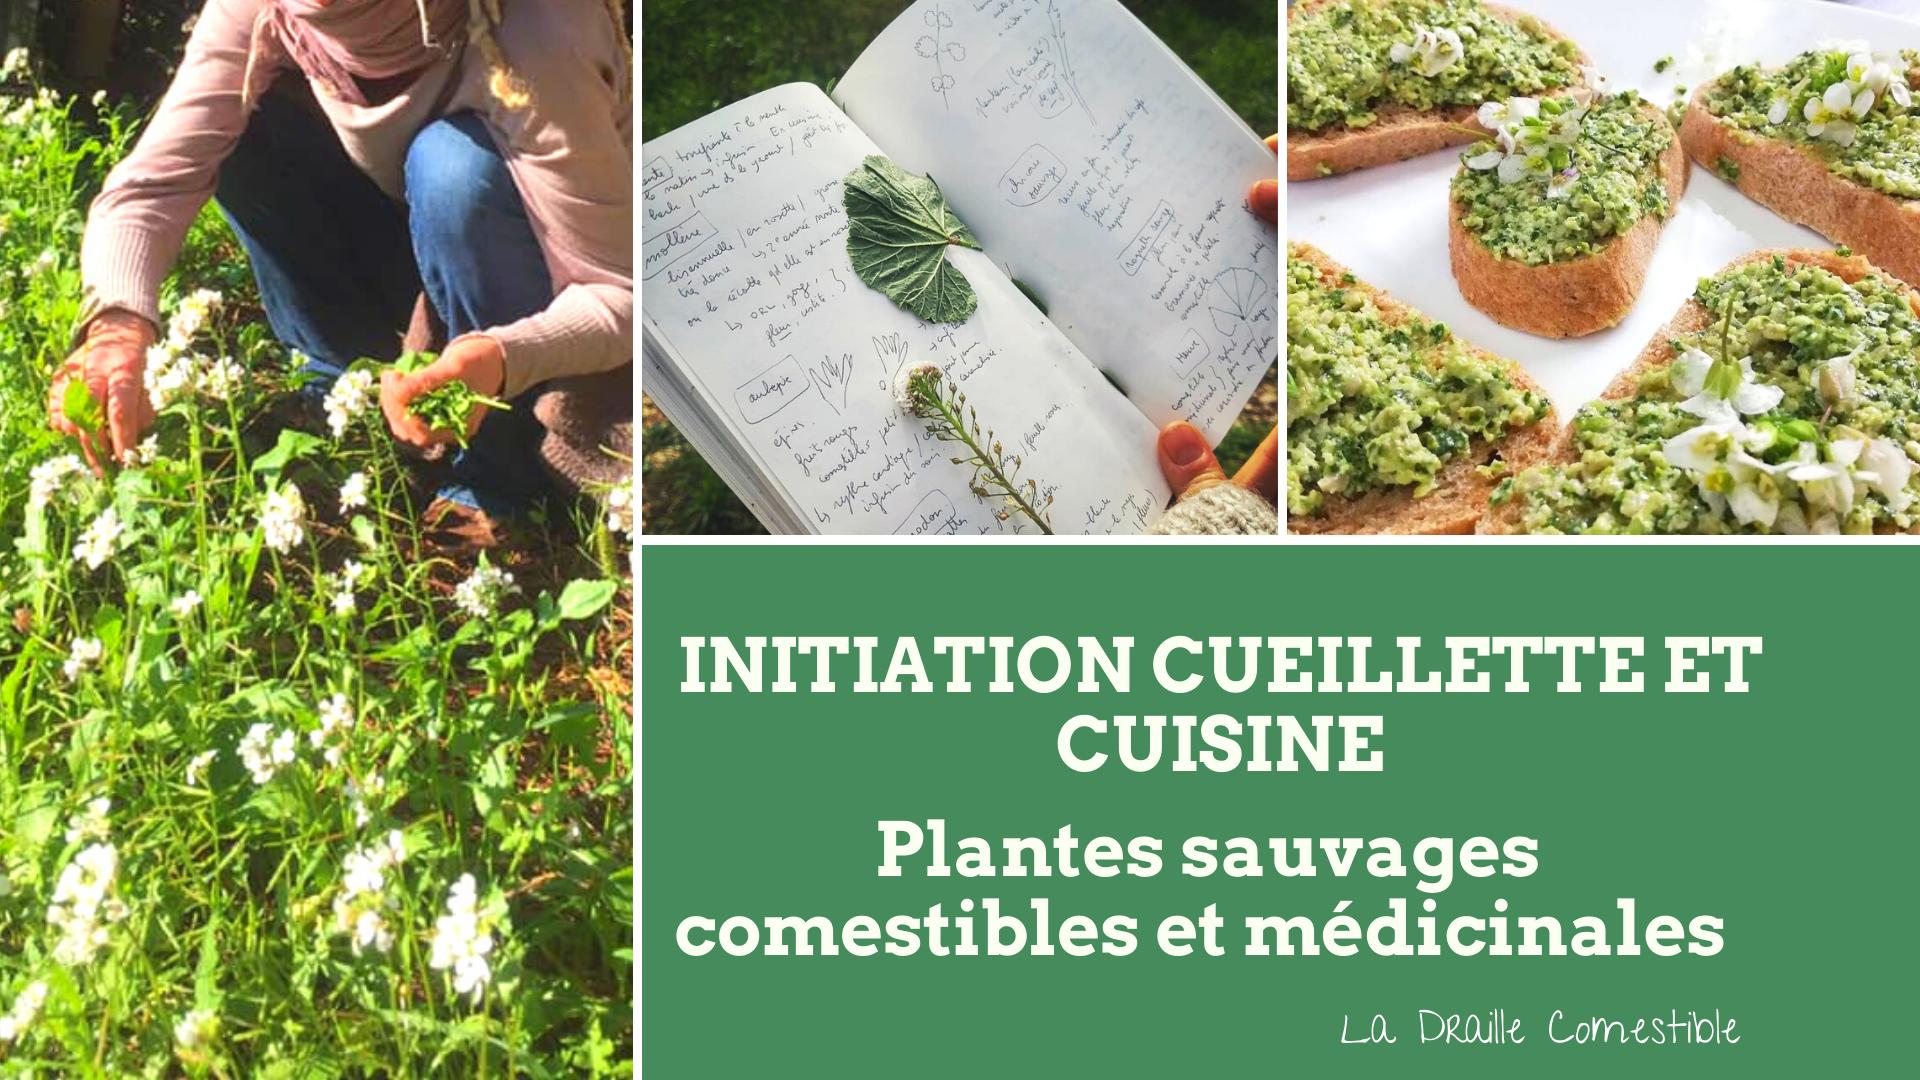 Initiation cueillette plantes sauvages comestibles et médicinales et cuisine